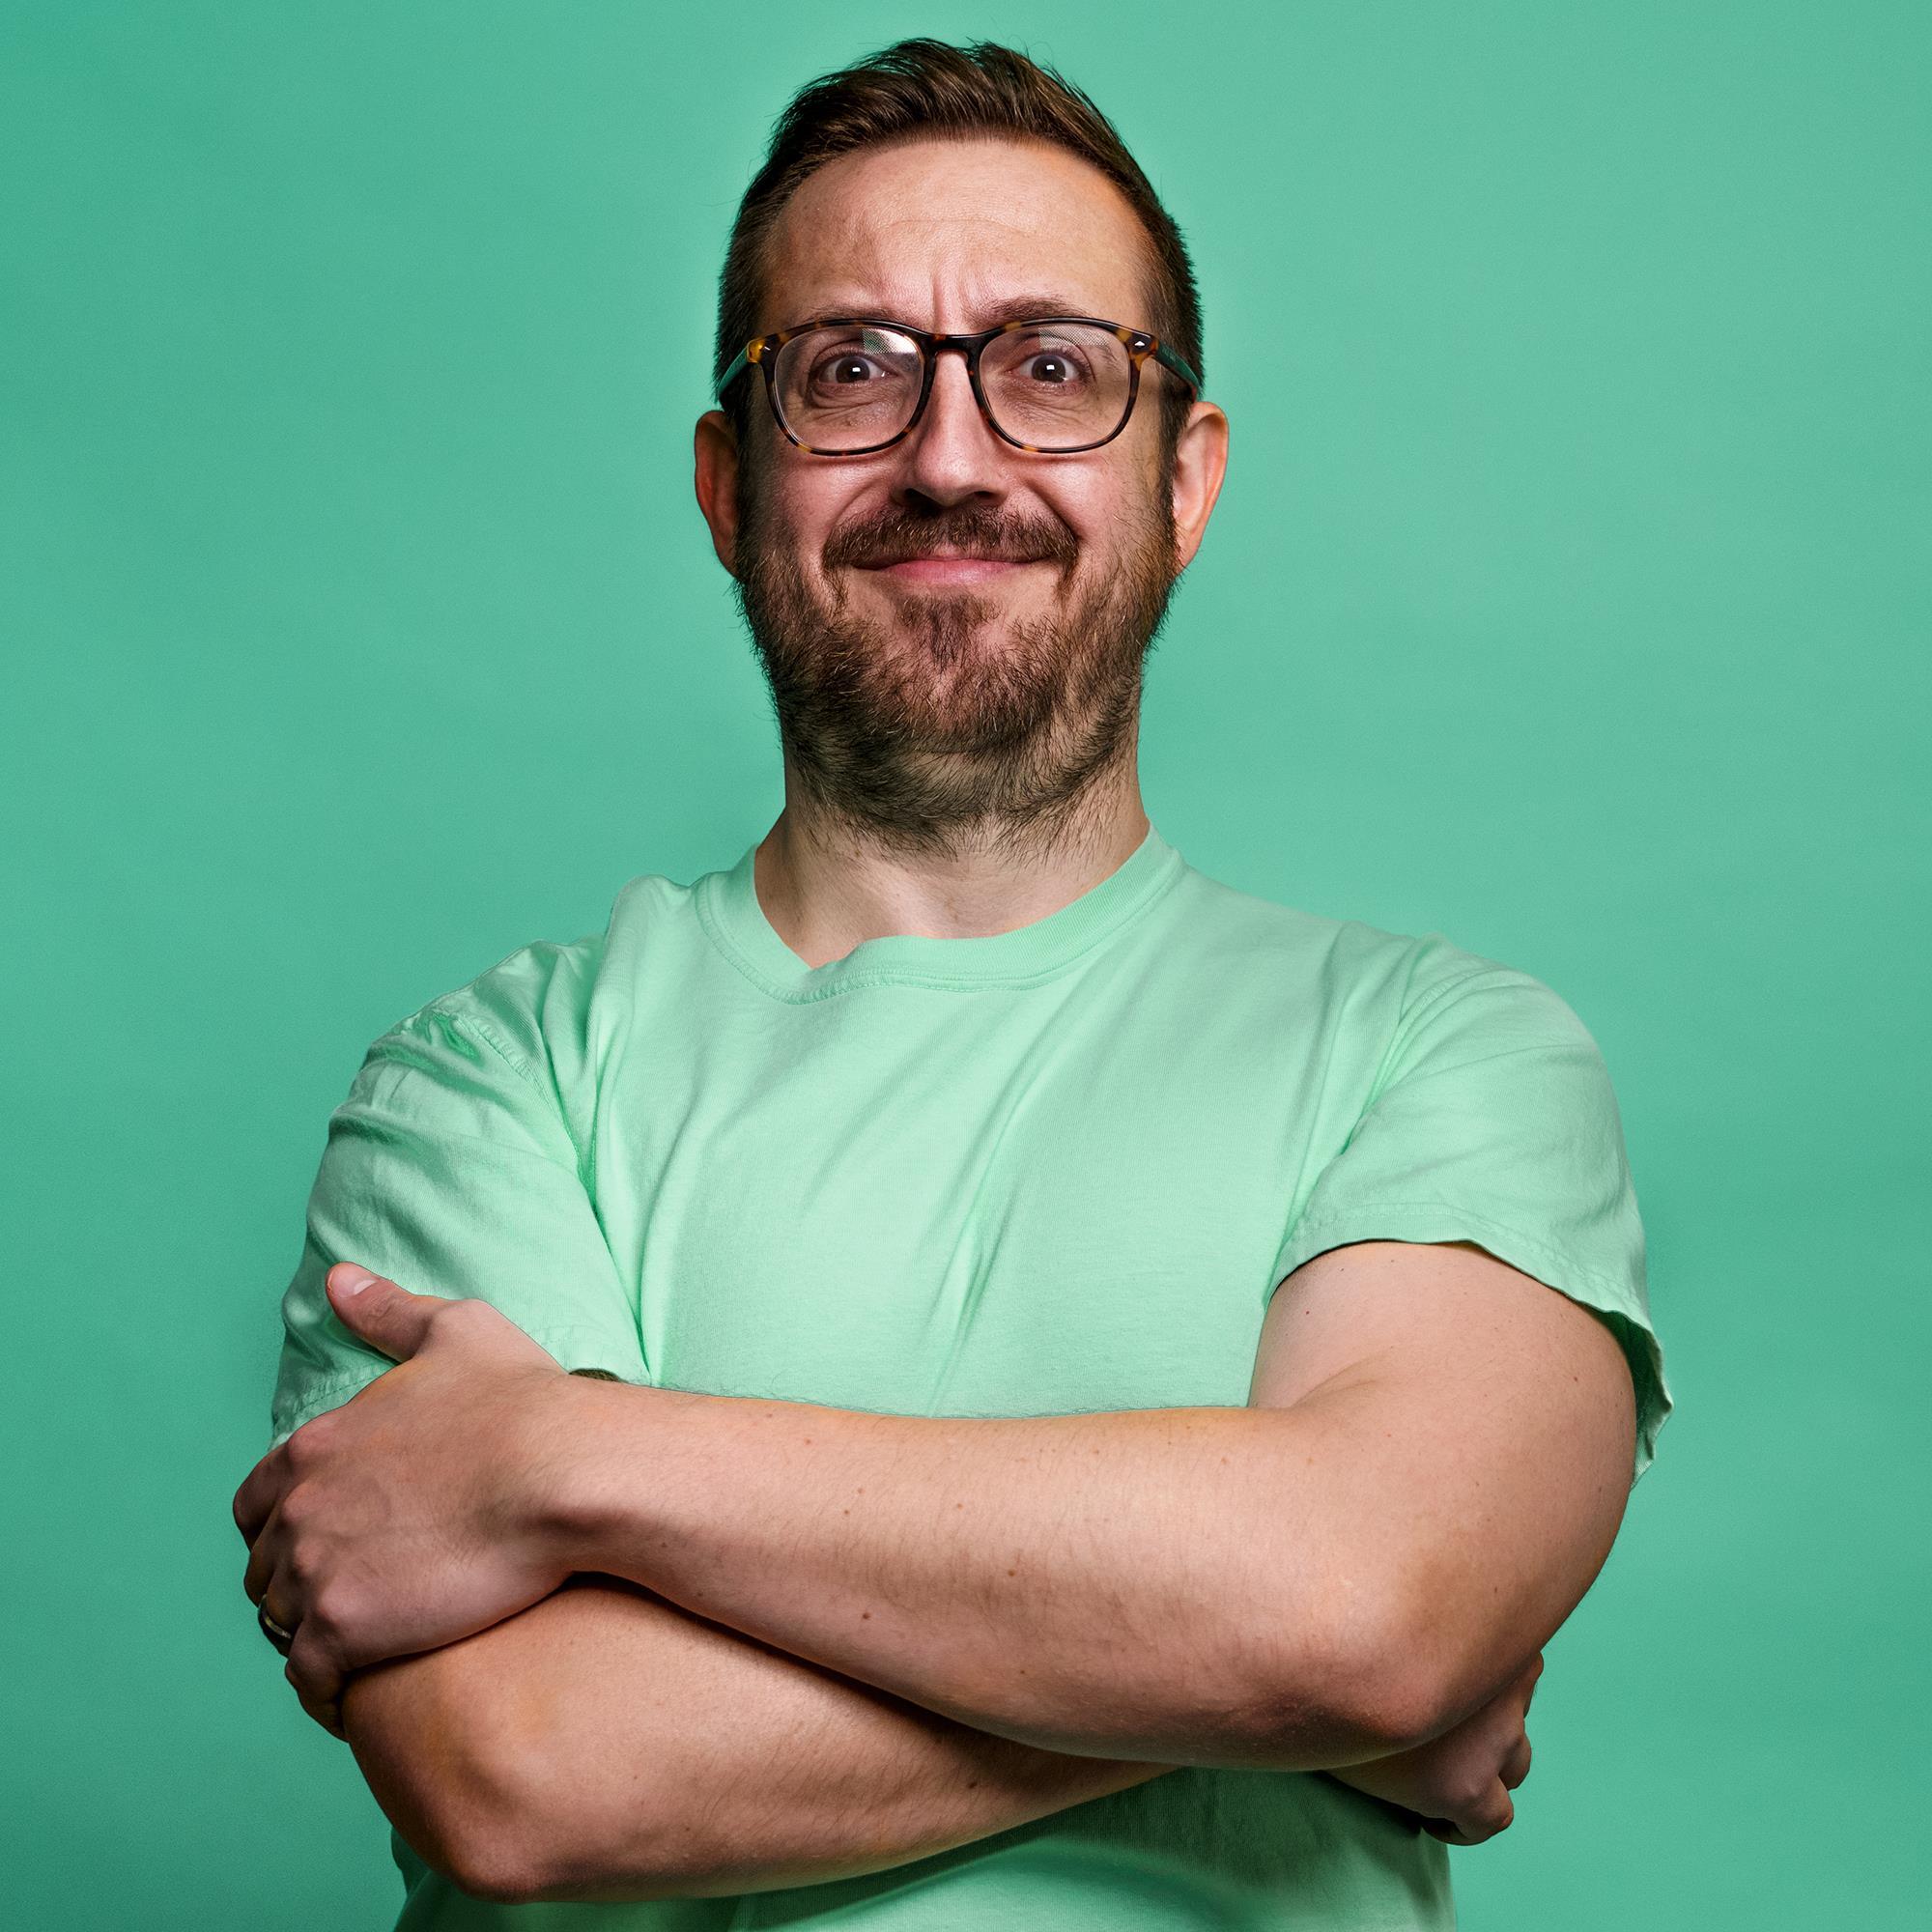 Josh Smutko